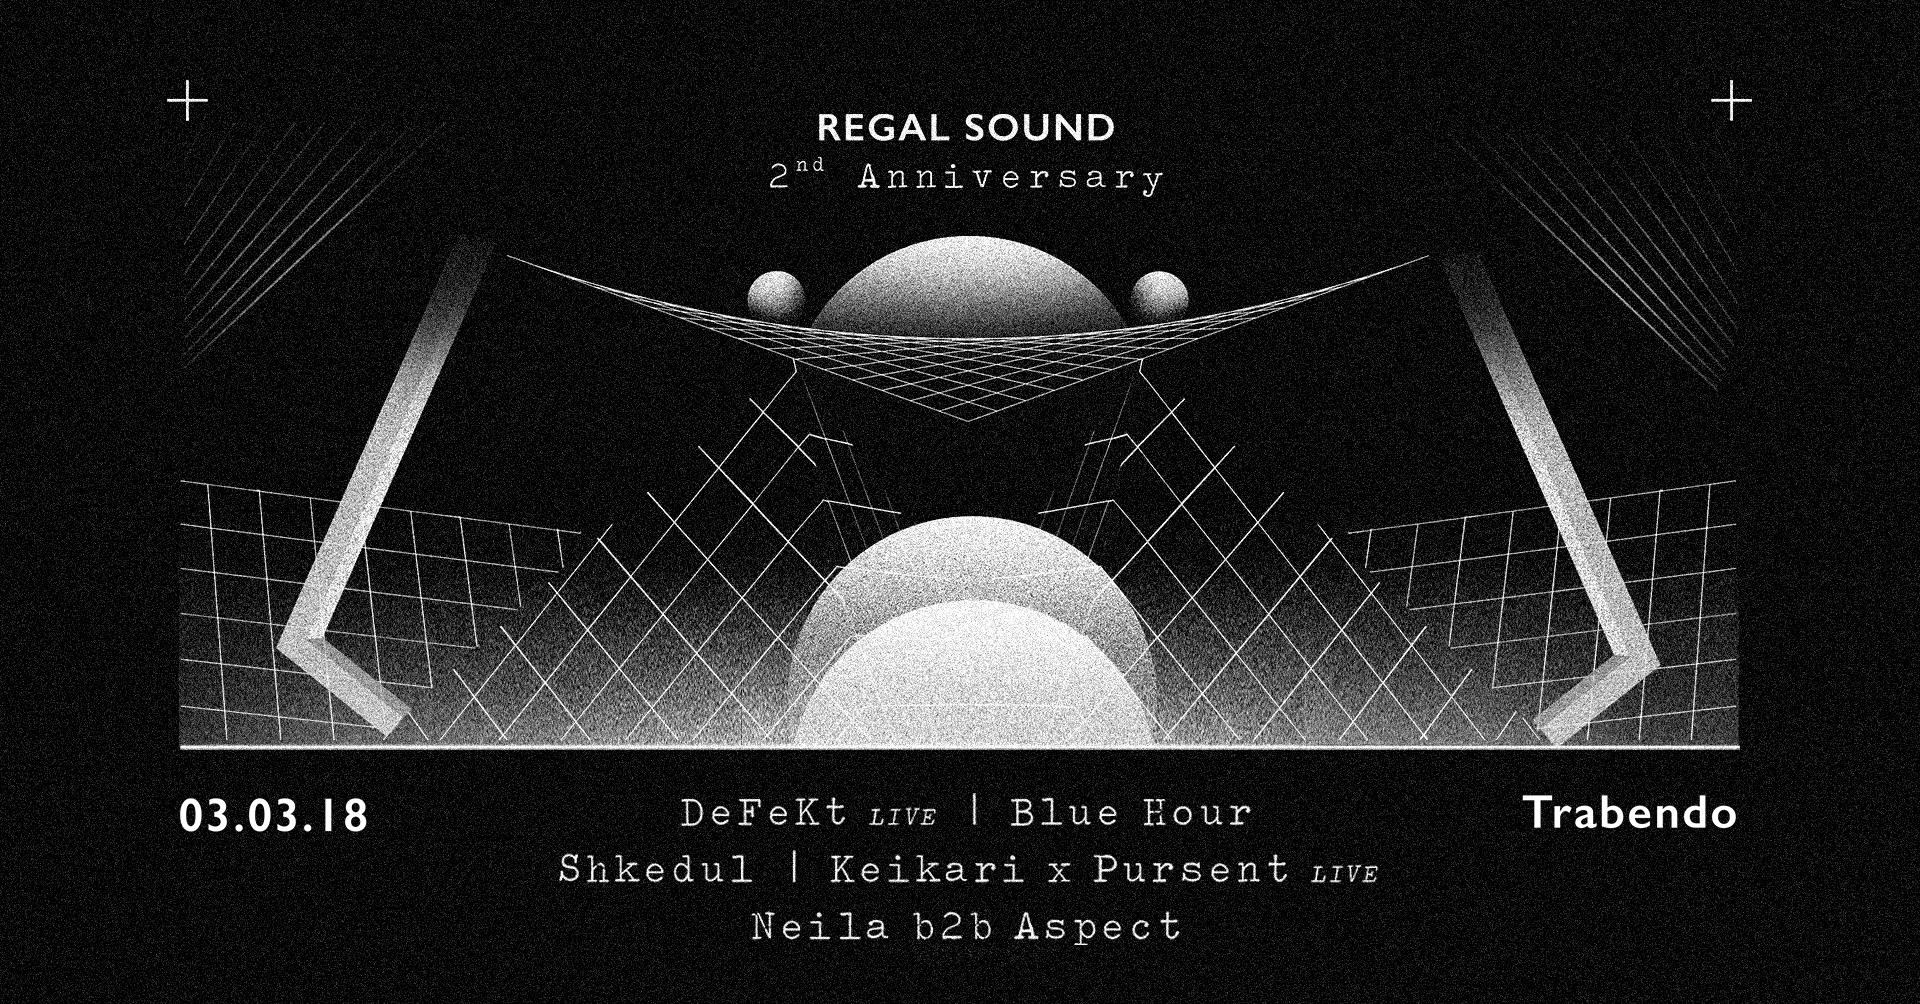 Regal Sound - 2nd Anniversary